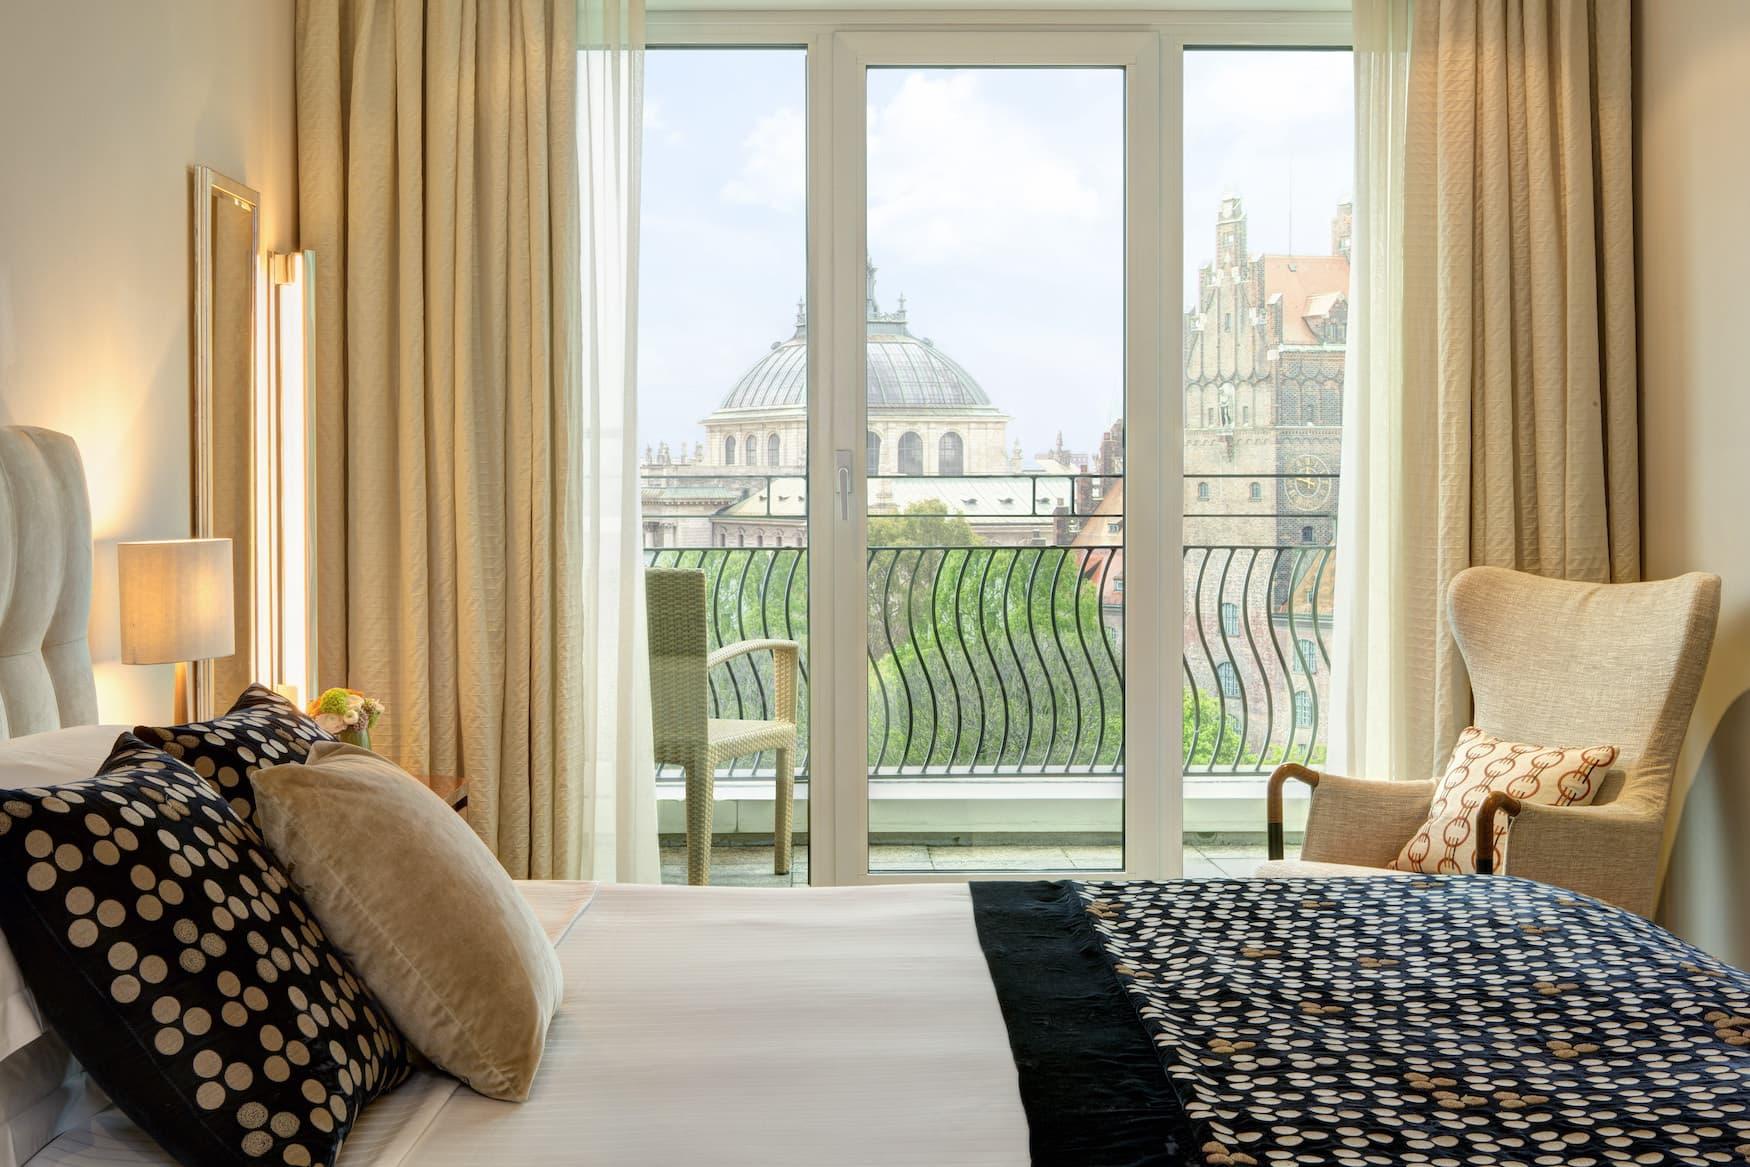 Ausblick aus Hotelzimmer auf den Alten Botanischen garten München